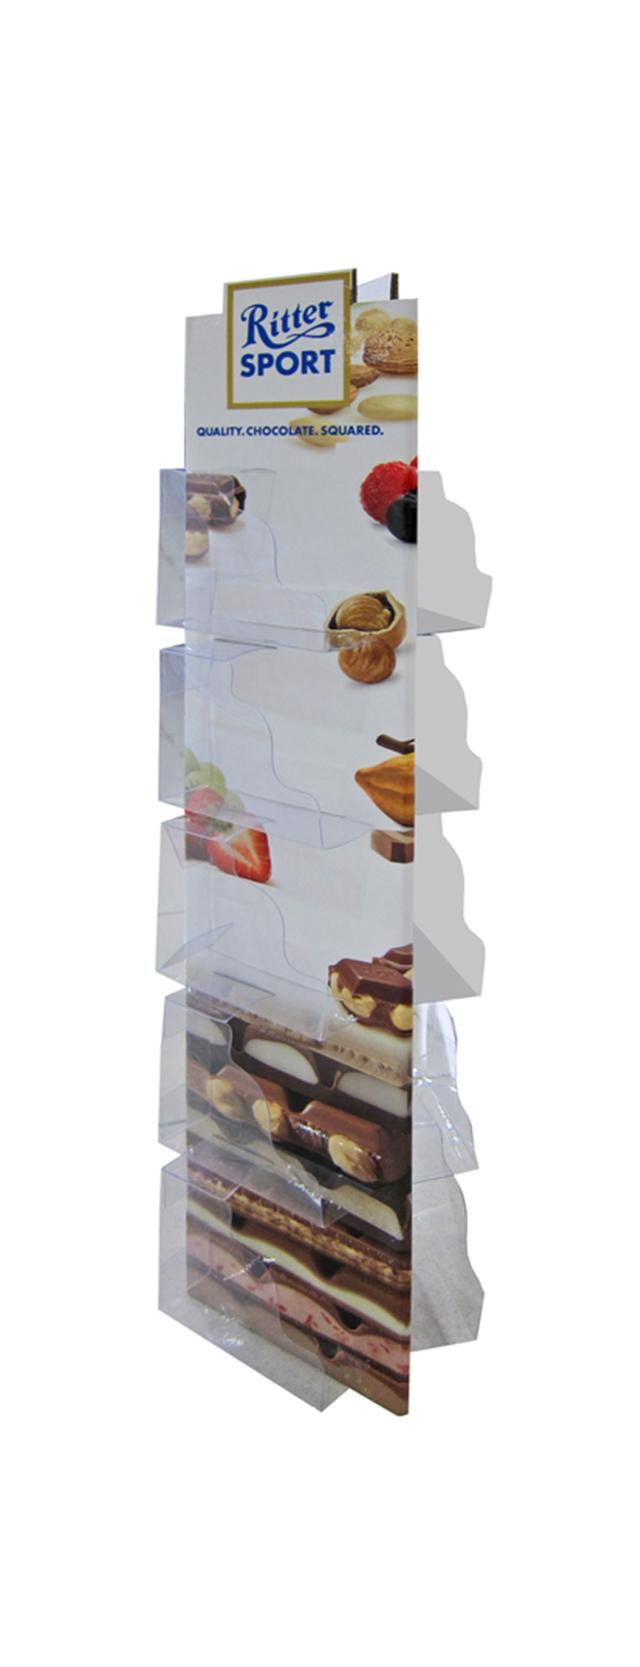 Rittersport 5 shelves front